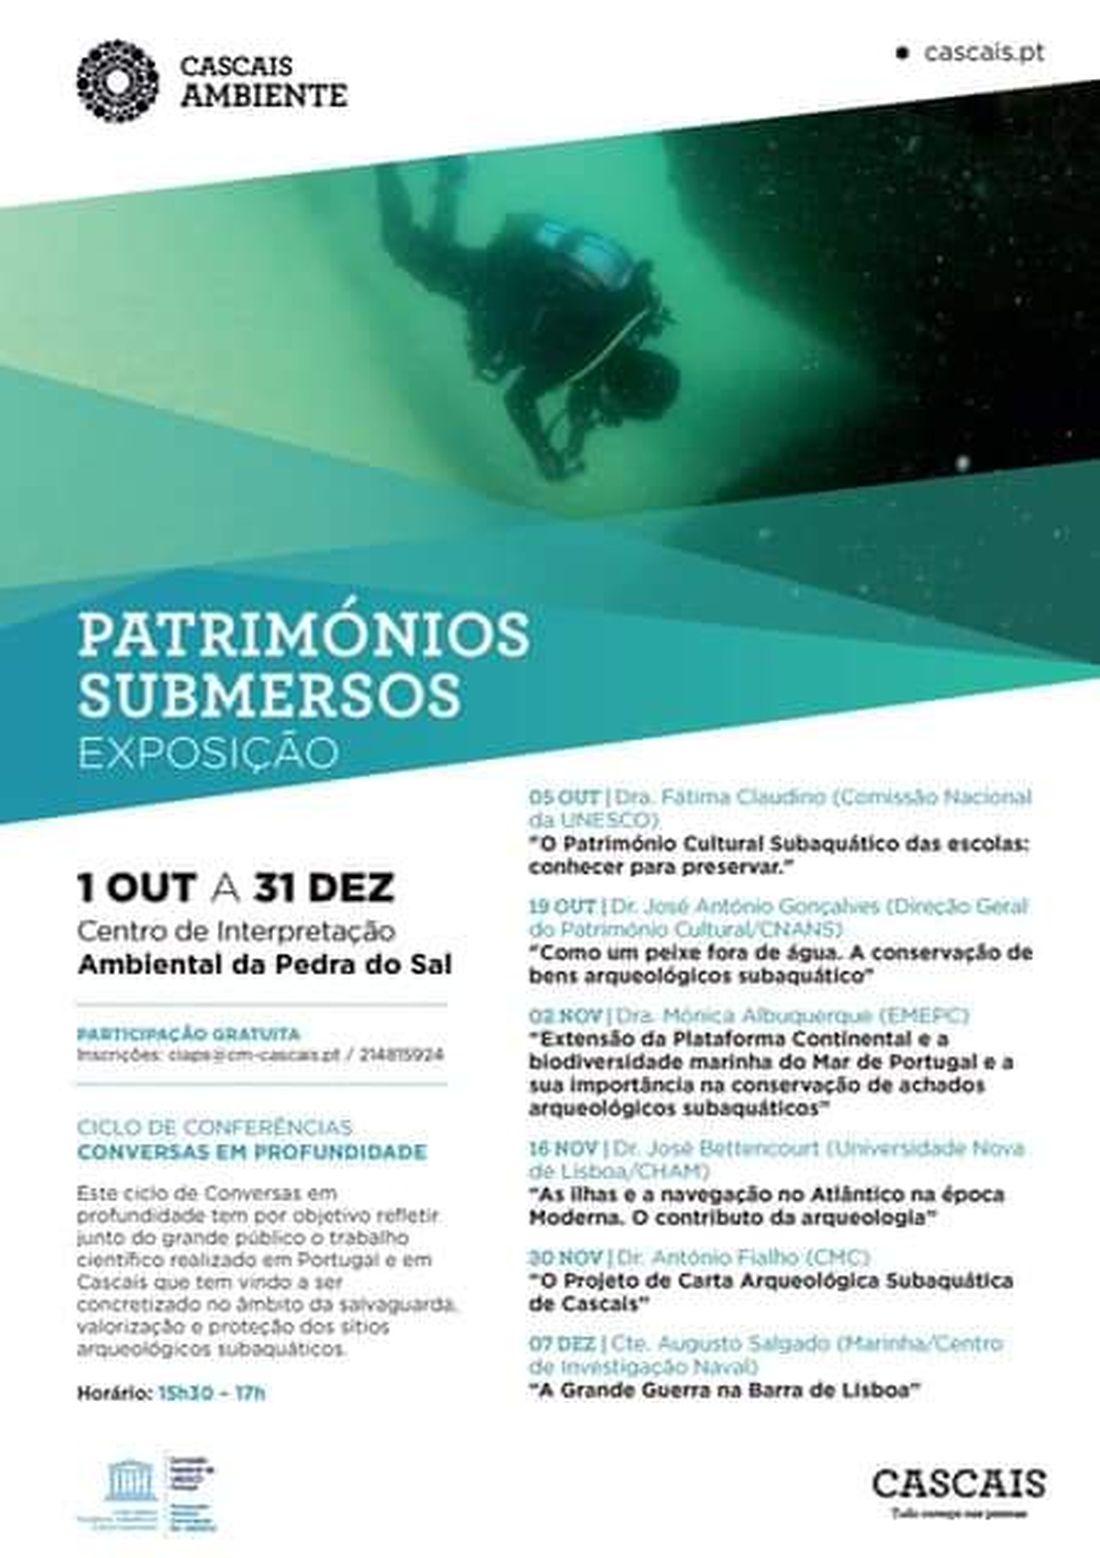 Exposição Patrimónios Submersos - Extensão da Plataforma Continental e a biodiversidade marinha do Mar de Portugal e a sua importância na conservação de achados arqueológicos subaquáticos 48